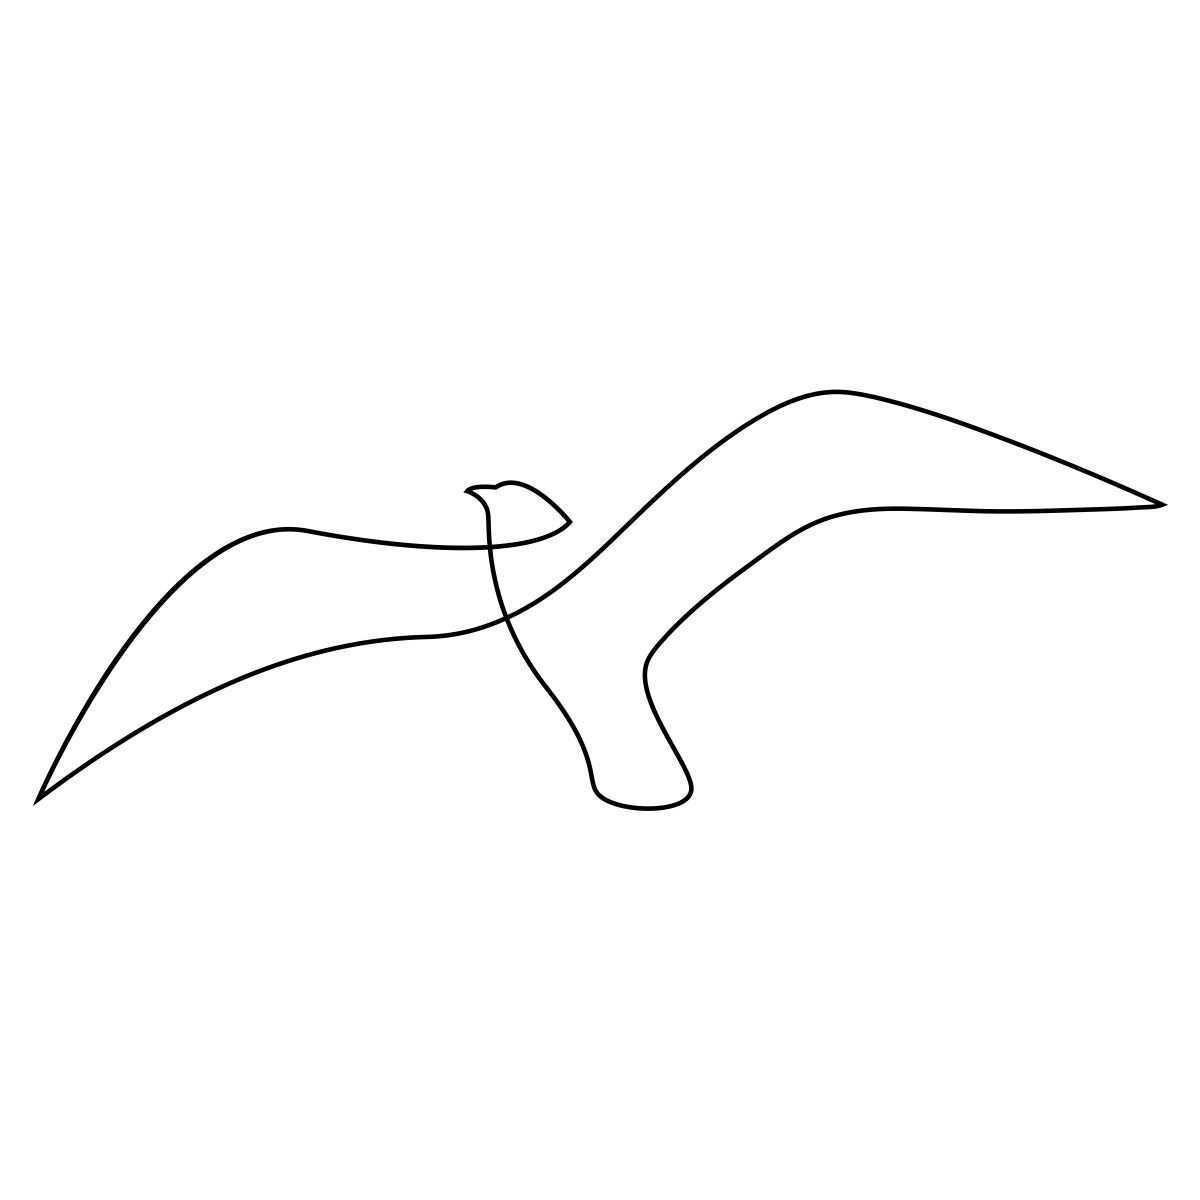 Adorable One Line Seagull By Addillum Addillum Adorable Ankletatto Arrowtatto Bestfriendtatto In 2020 Vogel Zeichnen Abstrakte Zeichnungen Linientattoos